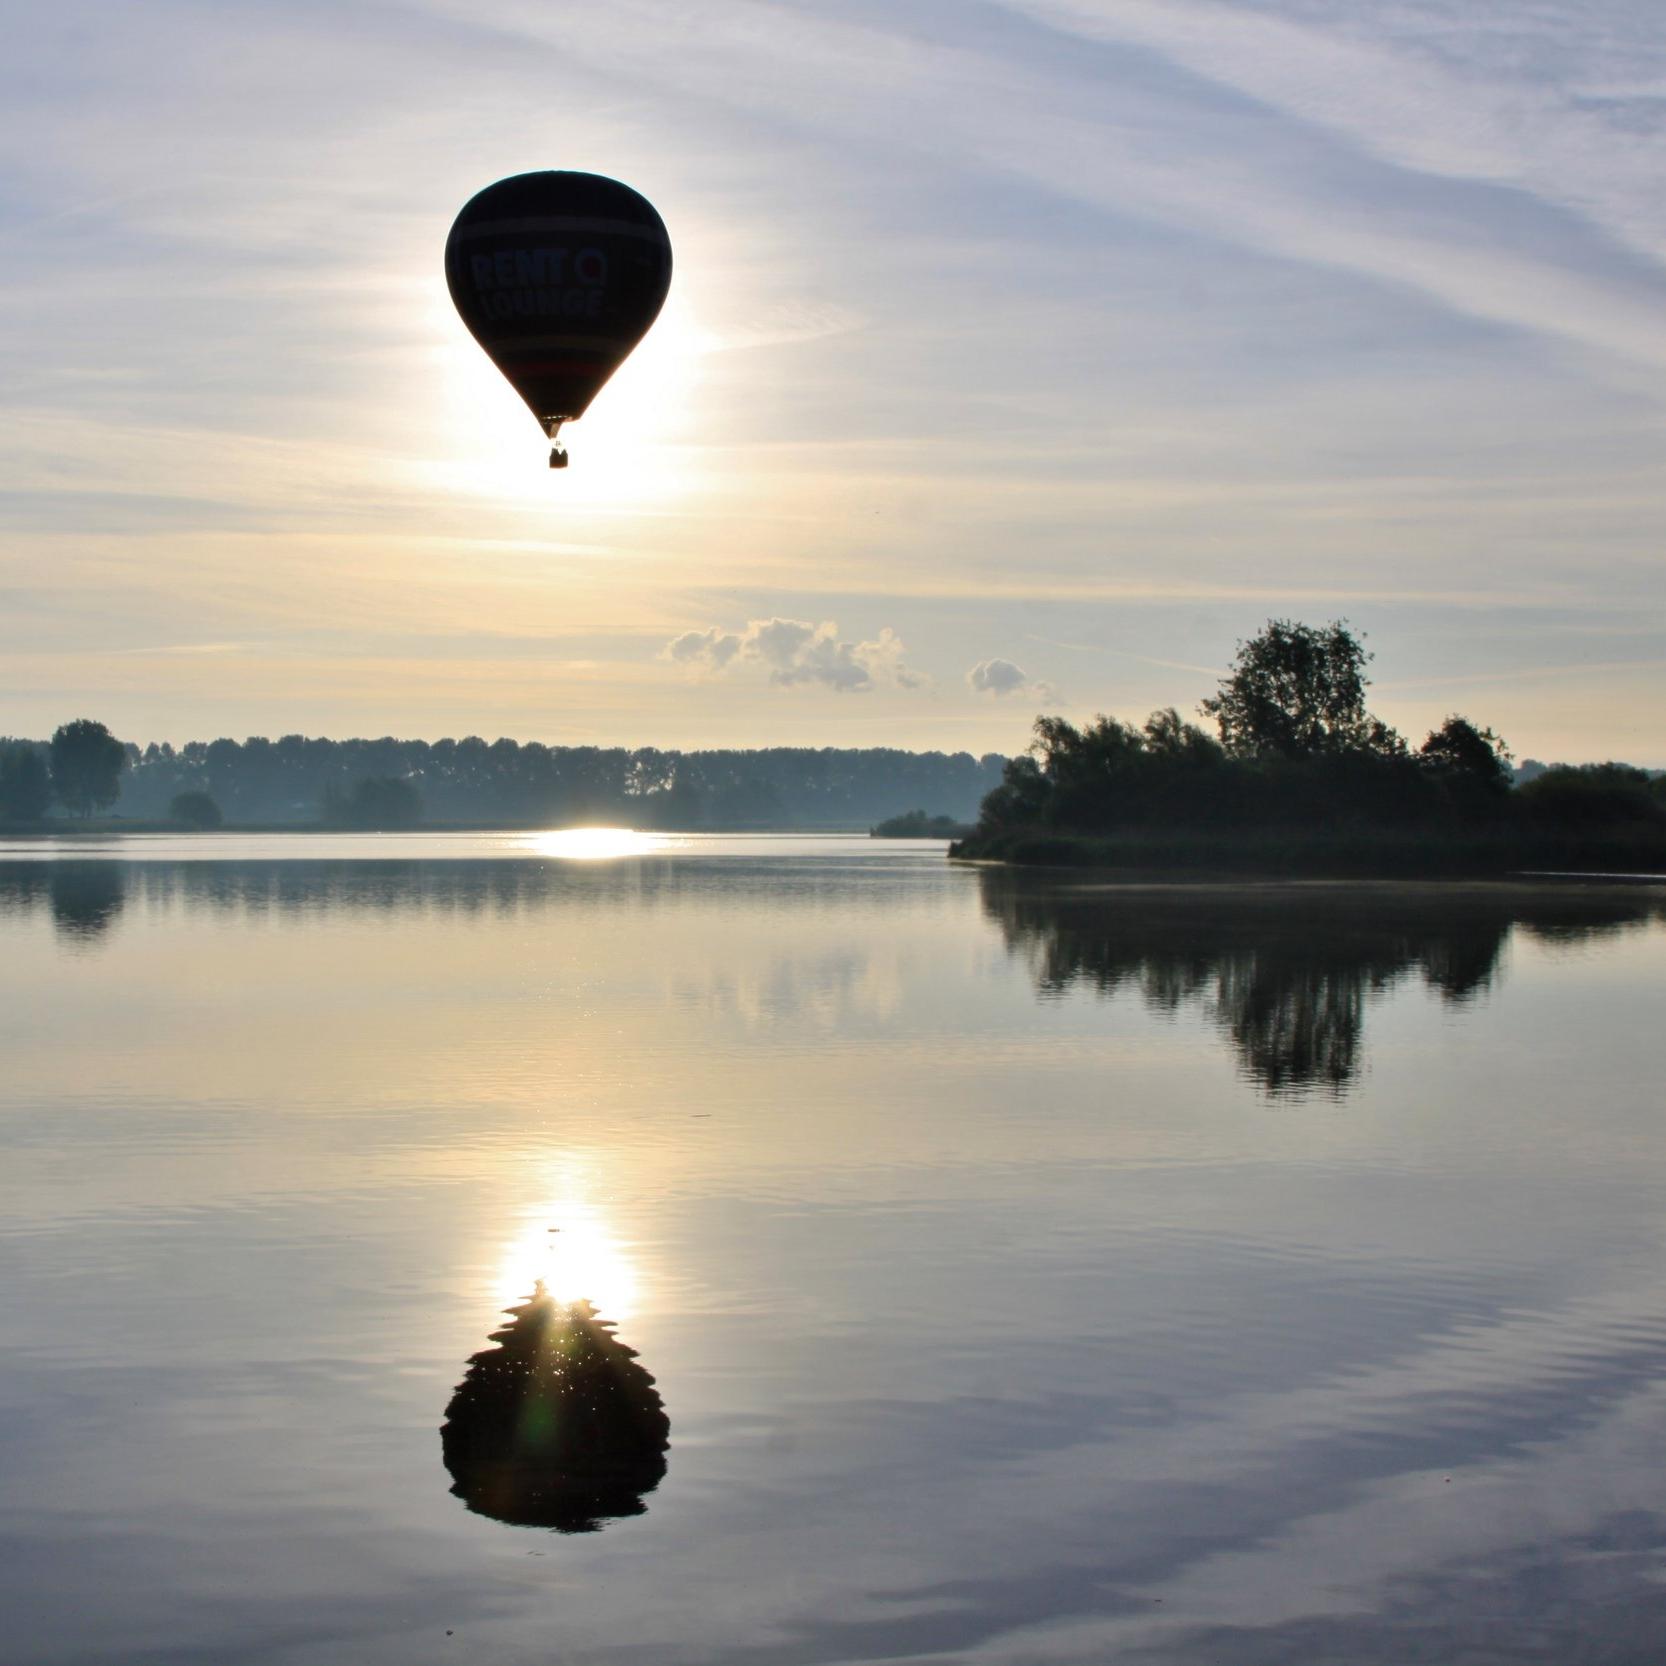 Ballonvlucht boven Zeeland  Zie je wel eens een luchtballon die in de lucht rustig vaart op de wind? En denk je dan dat zou ik ook wel eens willen doen? Of heb je iets te vieren? Dan ben jij bij Jan van  Jahoo ballonvaarten  bij de juiste persoon. Onder professionele begeleiding en met de beste zorg voor het materiaal wil Jan graag van jouw vaart een geweldige ervaring maken die je nooit zal vergeten. -  Opstijglocaties overal in    Zeeland   .